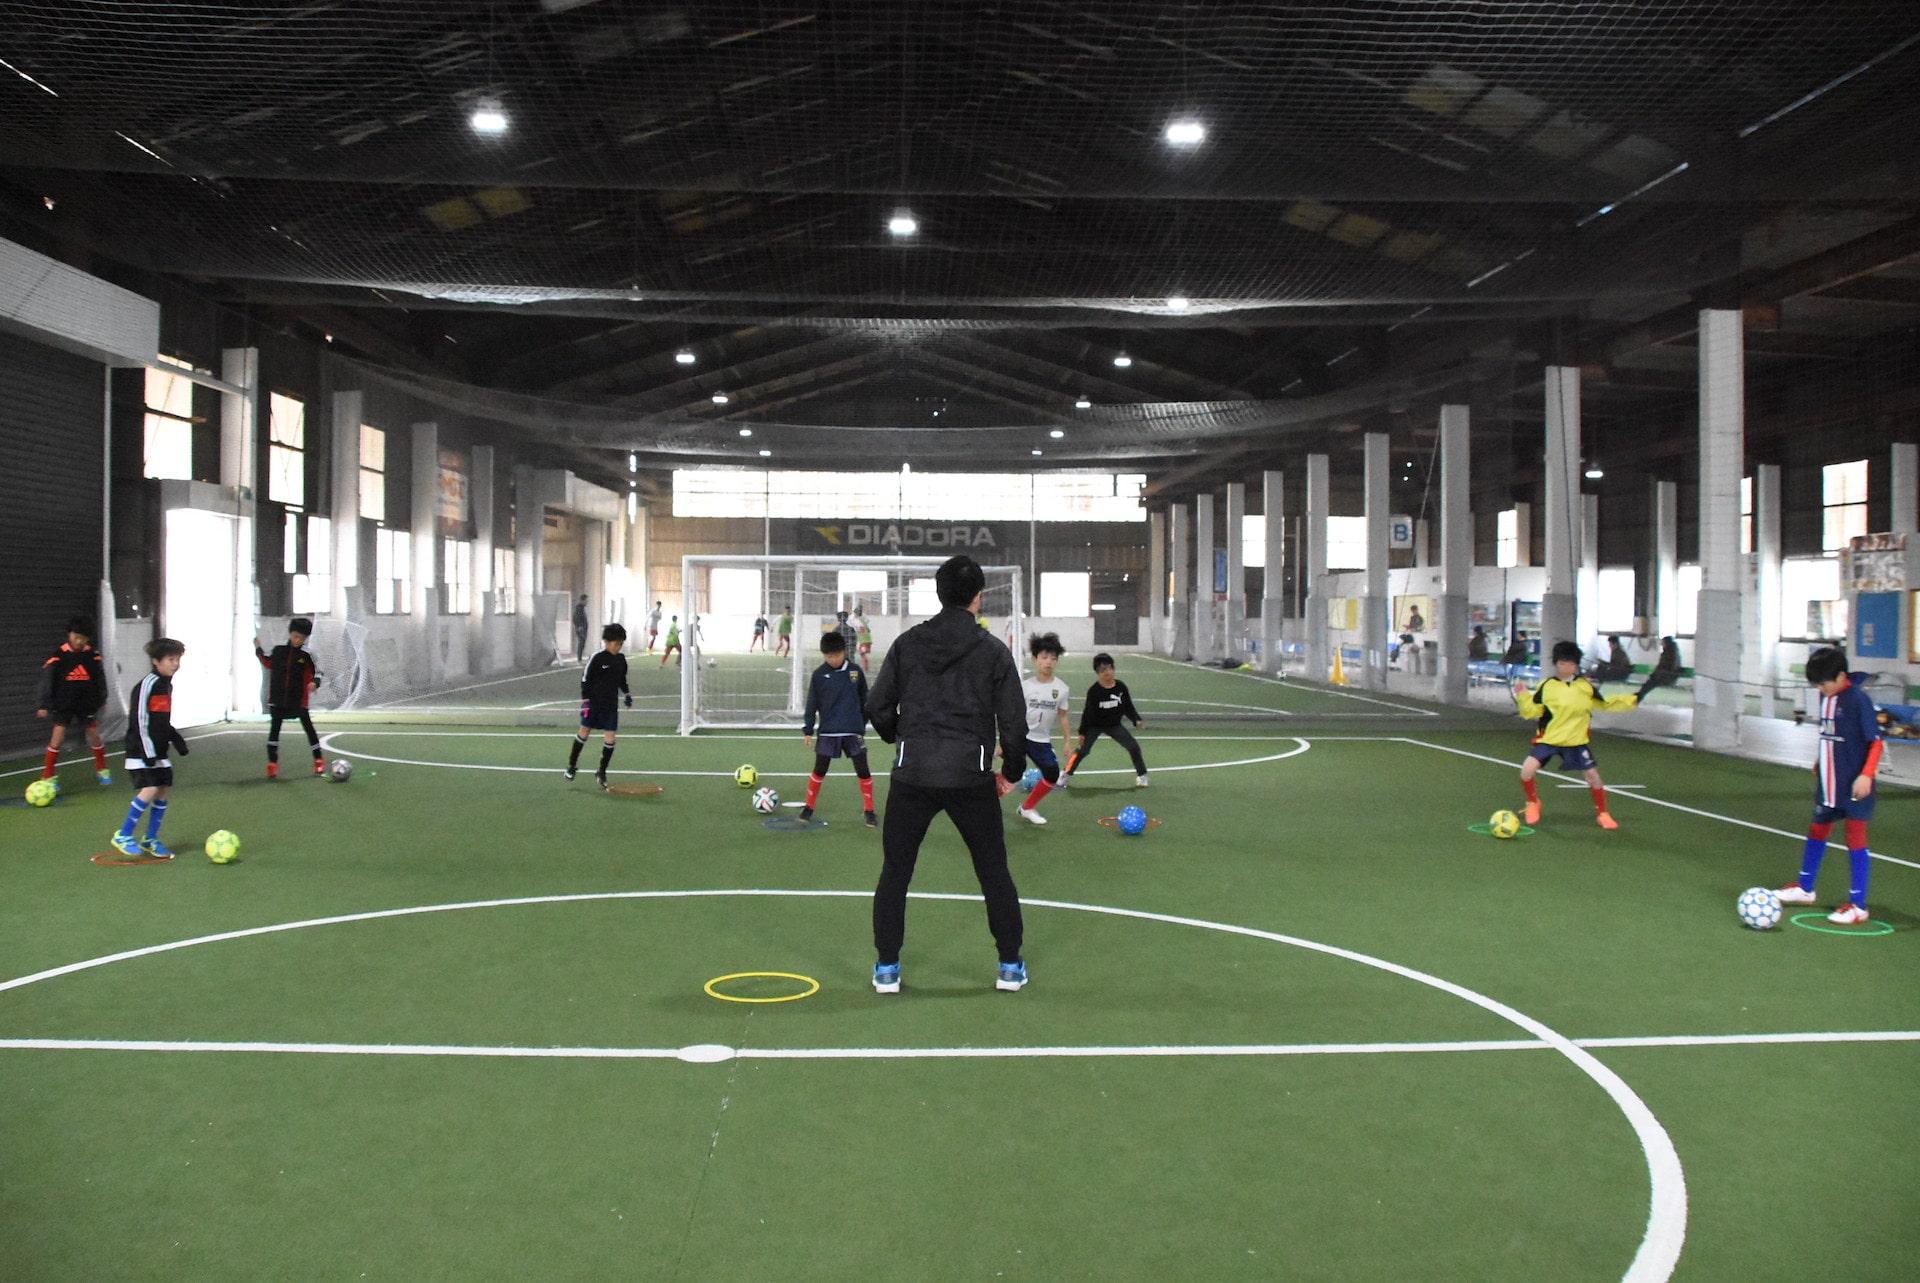 小さな体で大きな選手に勝つ『フットボーラーに特化したトレーニング塾』